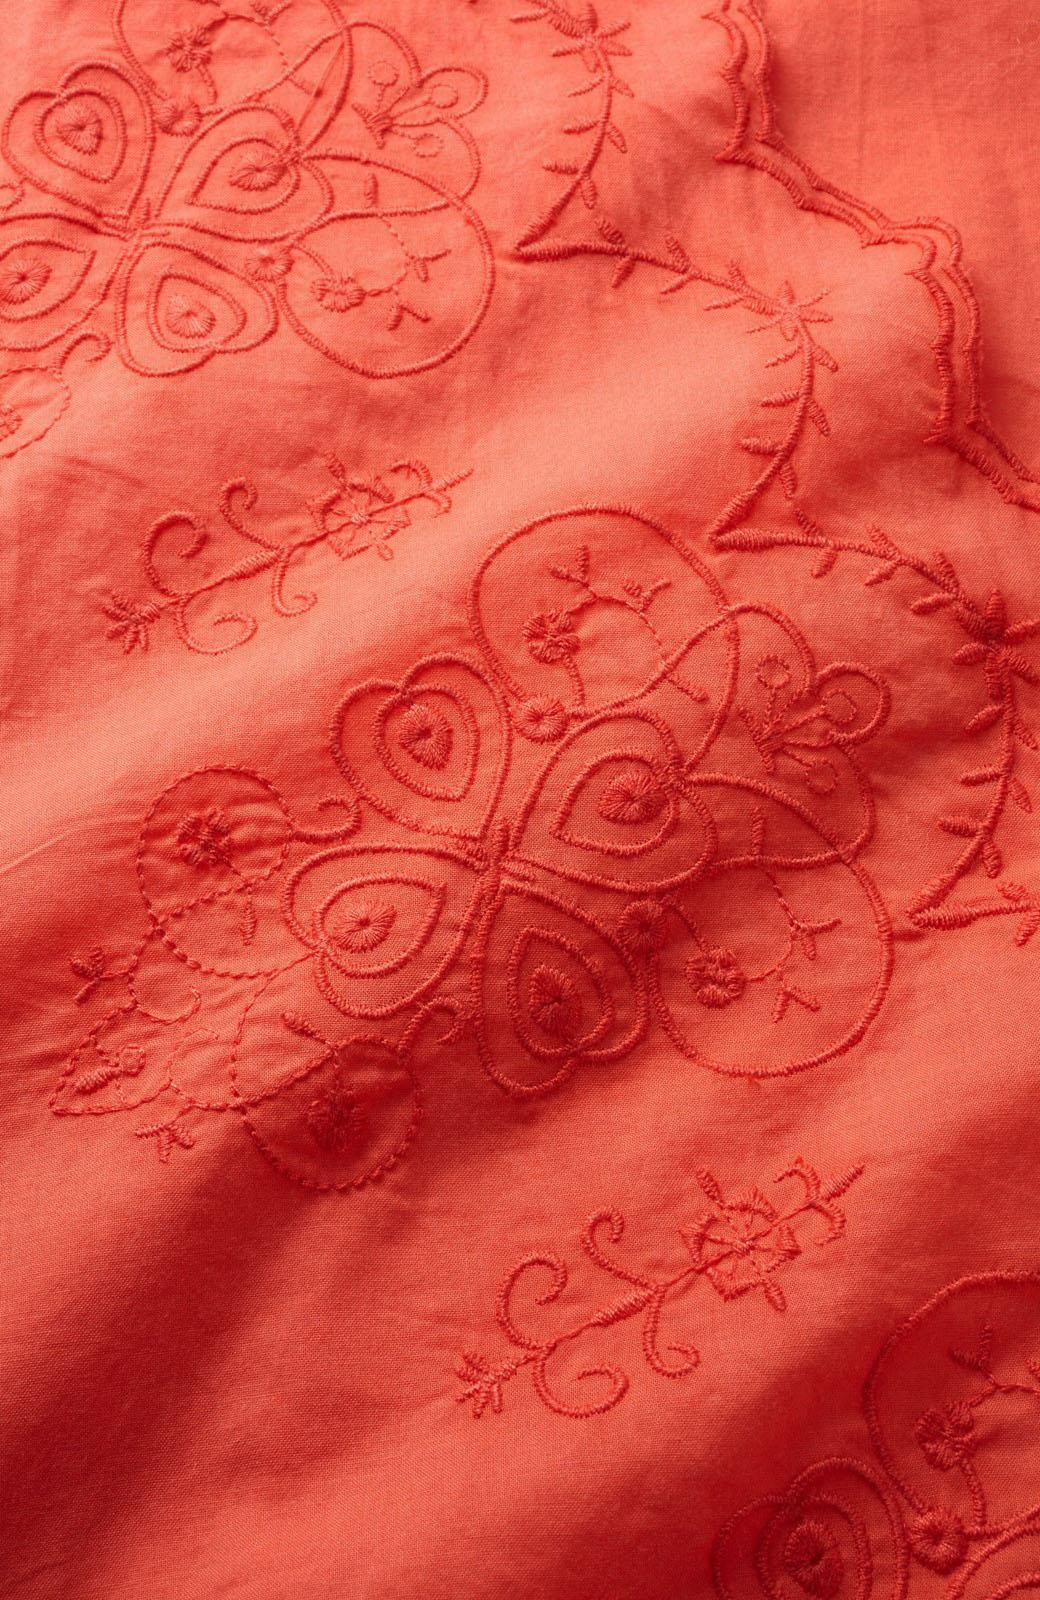 エムトロワ 羽織りにもなるスカラップレースカシュクールワンピース <オレンジ系その他>の商品写真2